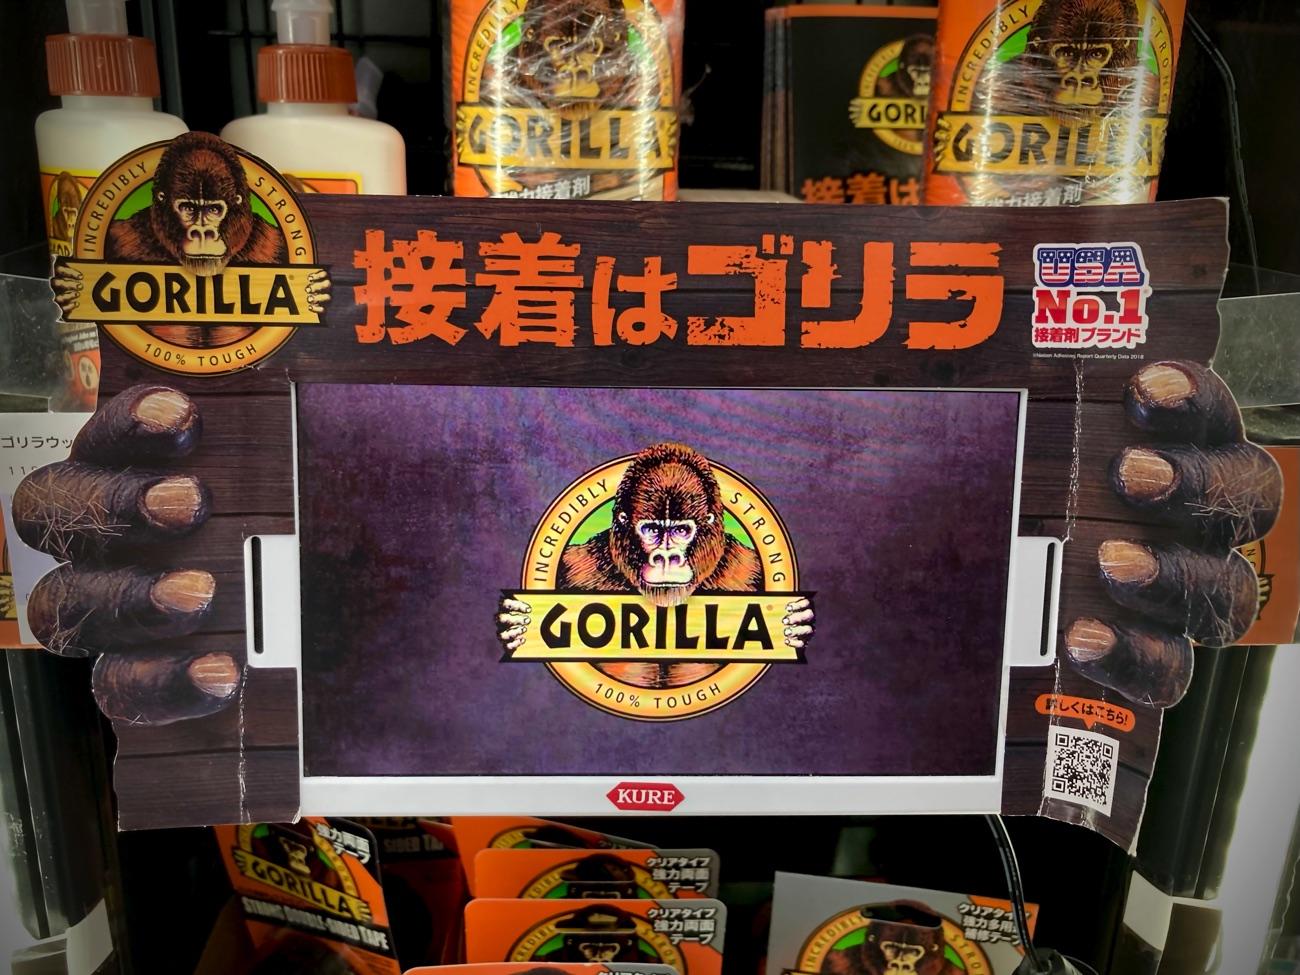 アメリカの接着剤ブランド「GORILLA」